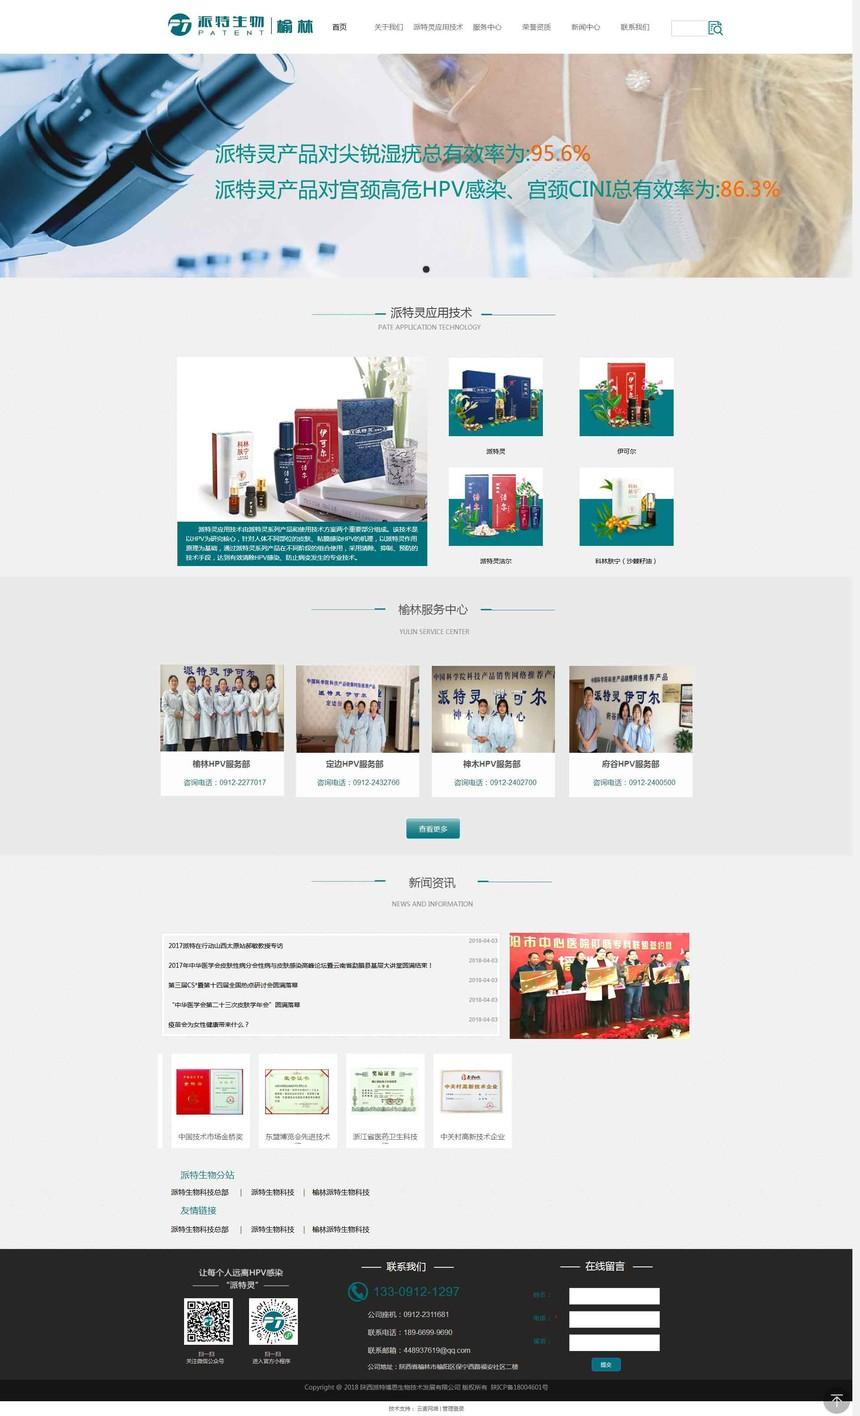 陕西派特博恩生物技术有限公司_榆林网站建设